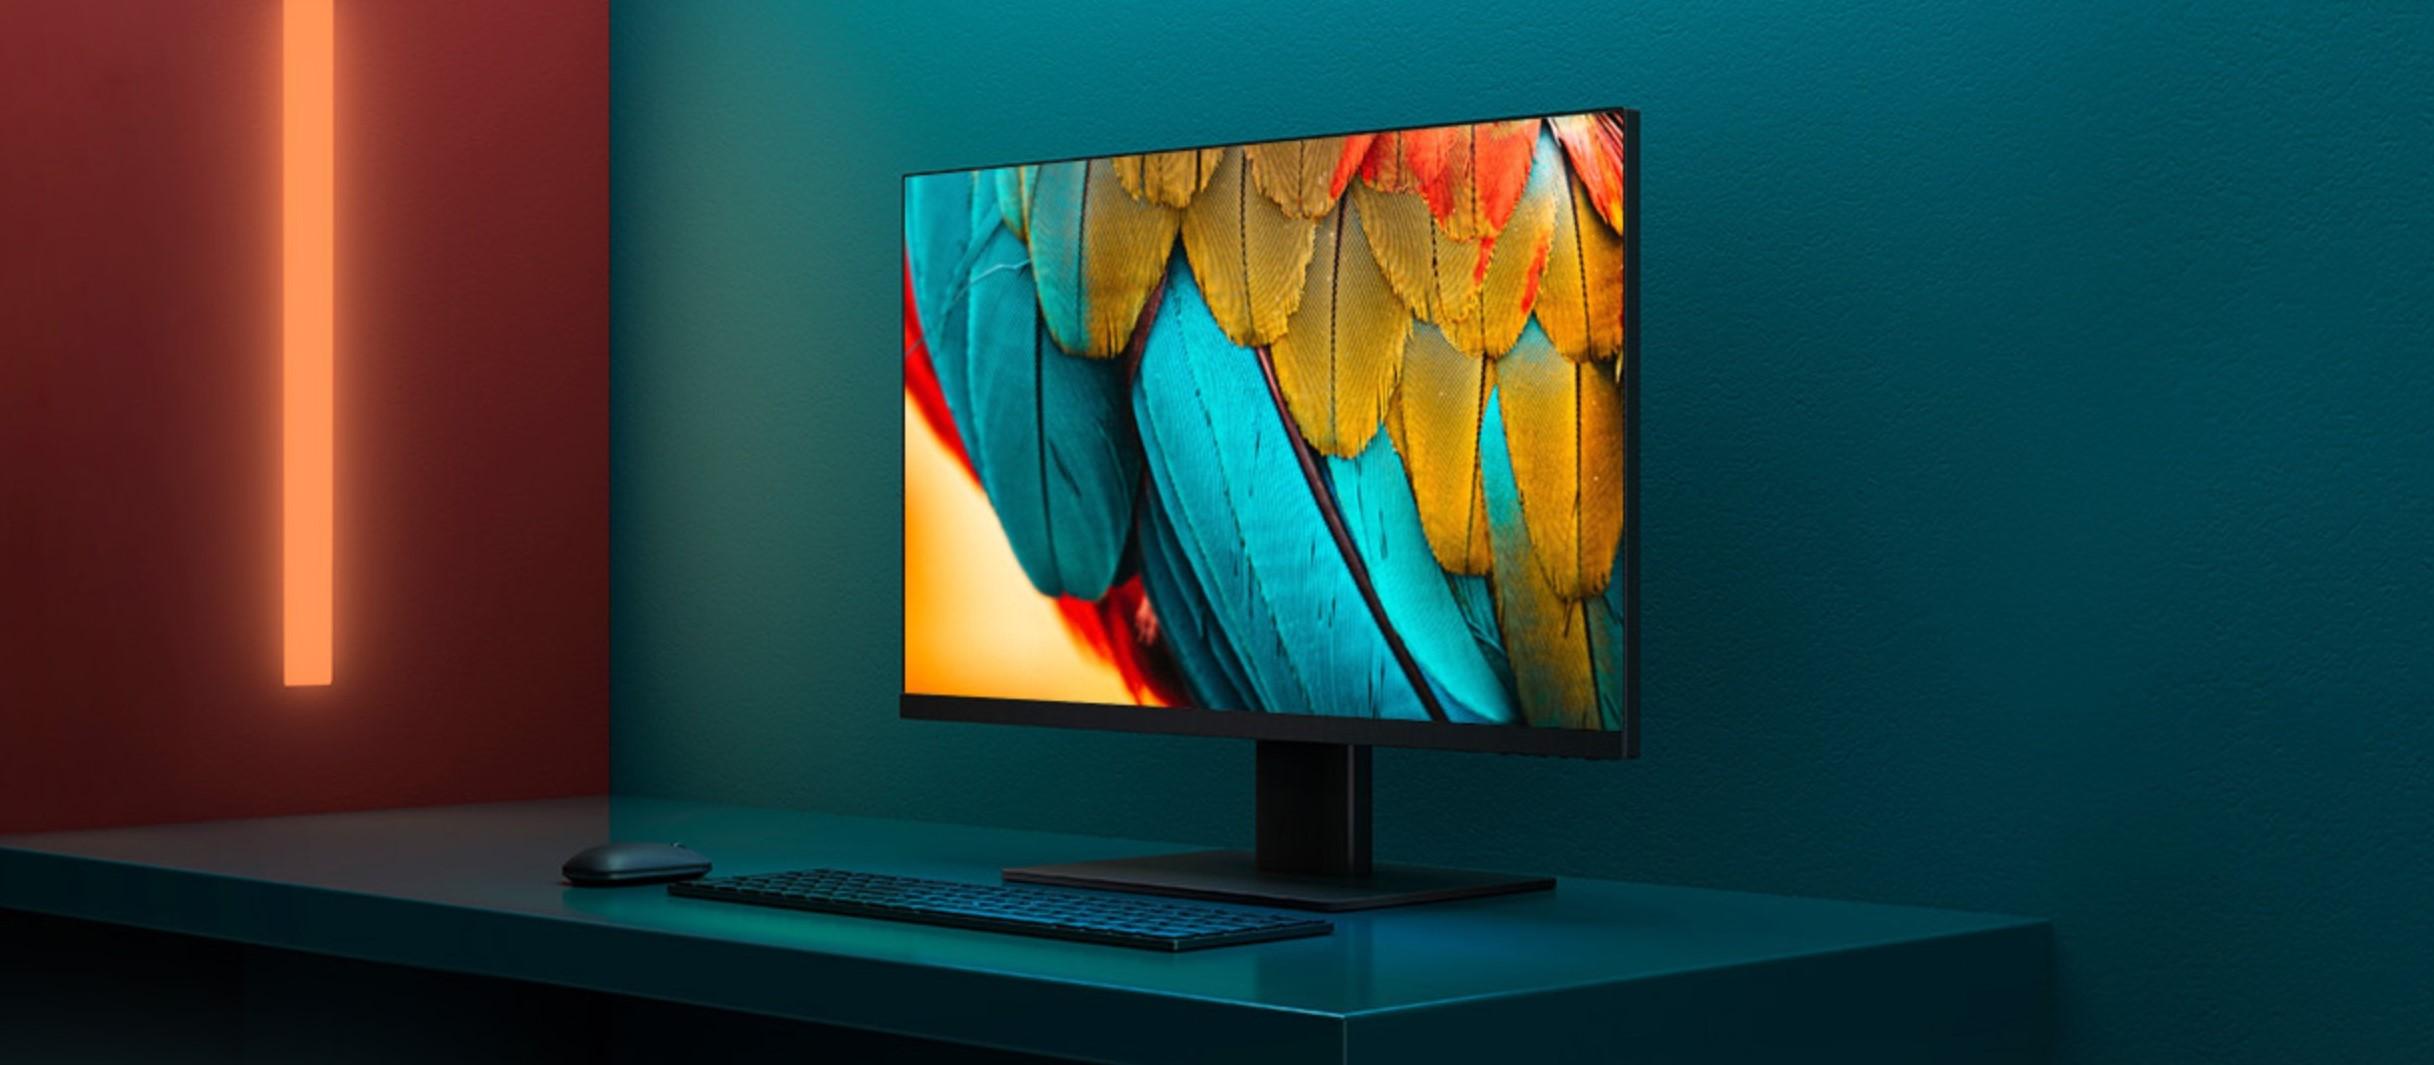 Tani monitor Full HD od Xiaomi za równowartość 400 zł? To się świetnie sprzeda 22